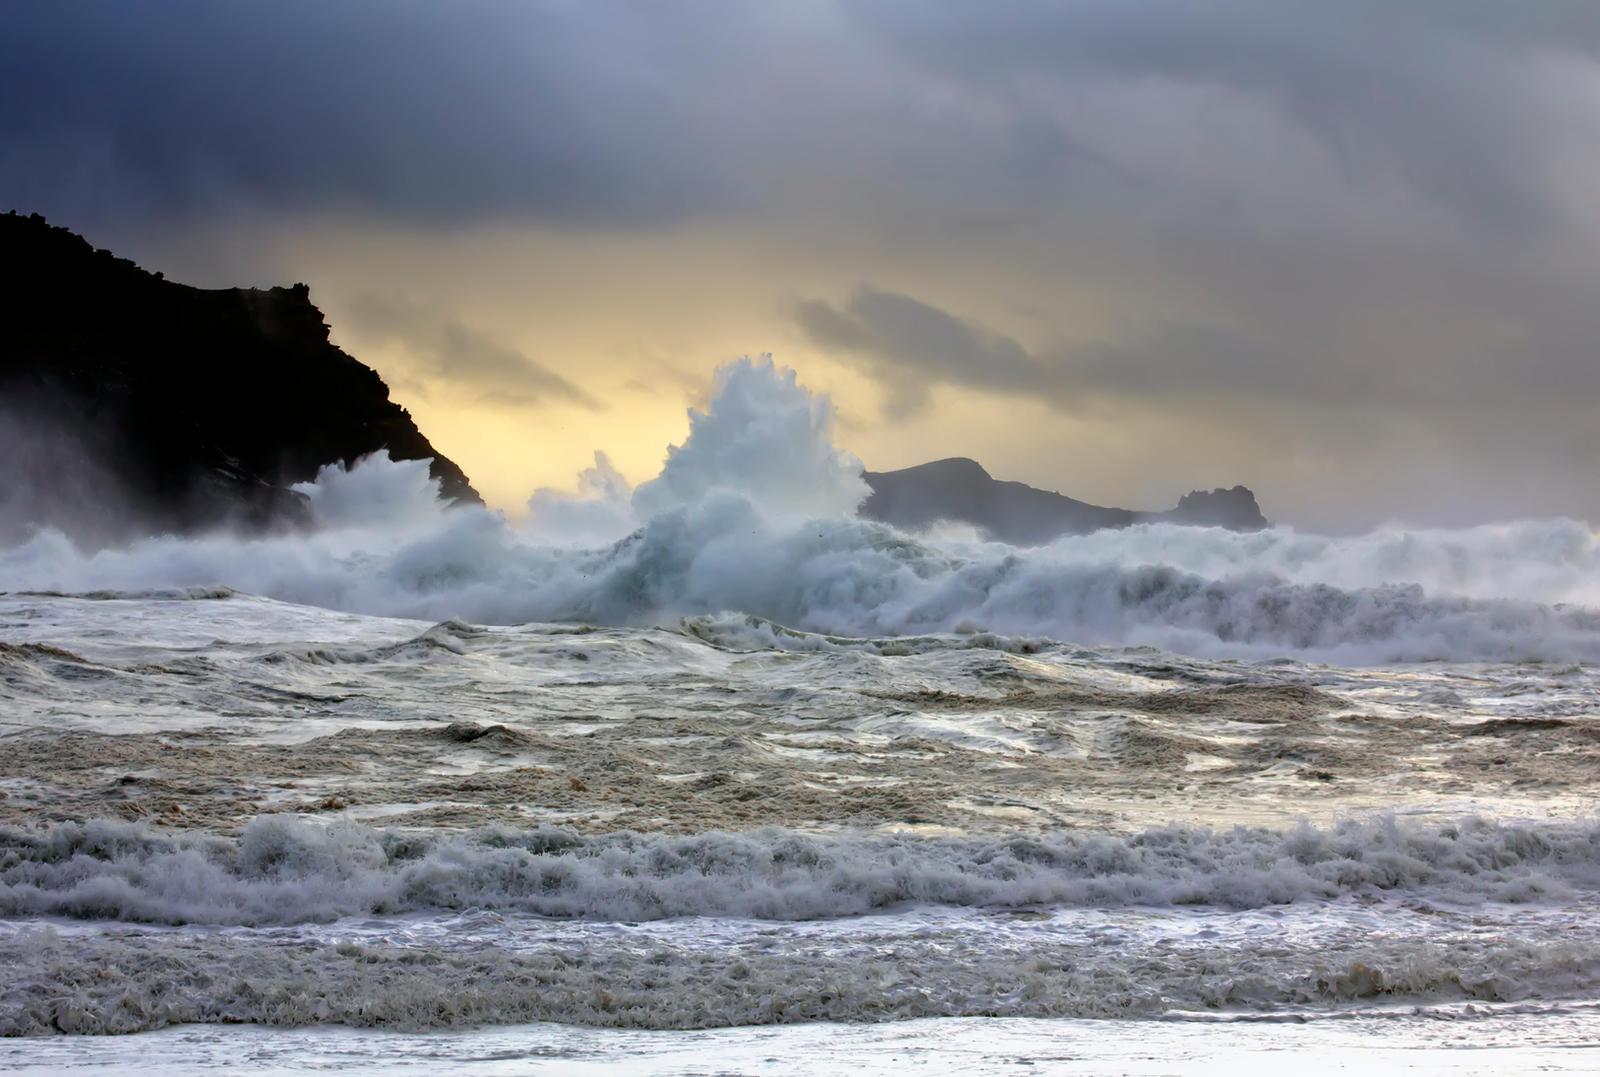 navy rough seas wallpaper - photo #45